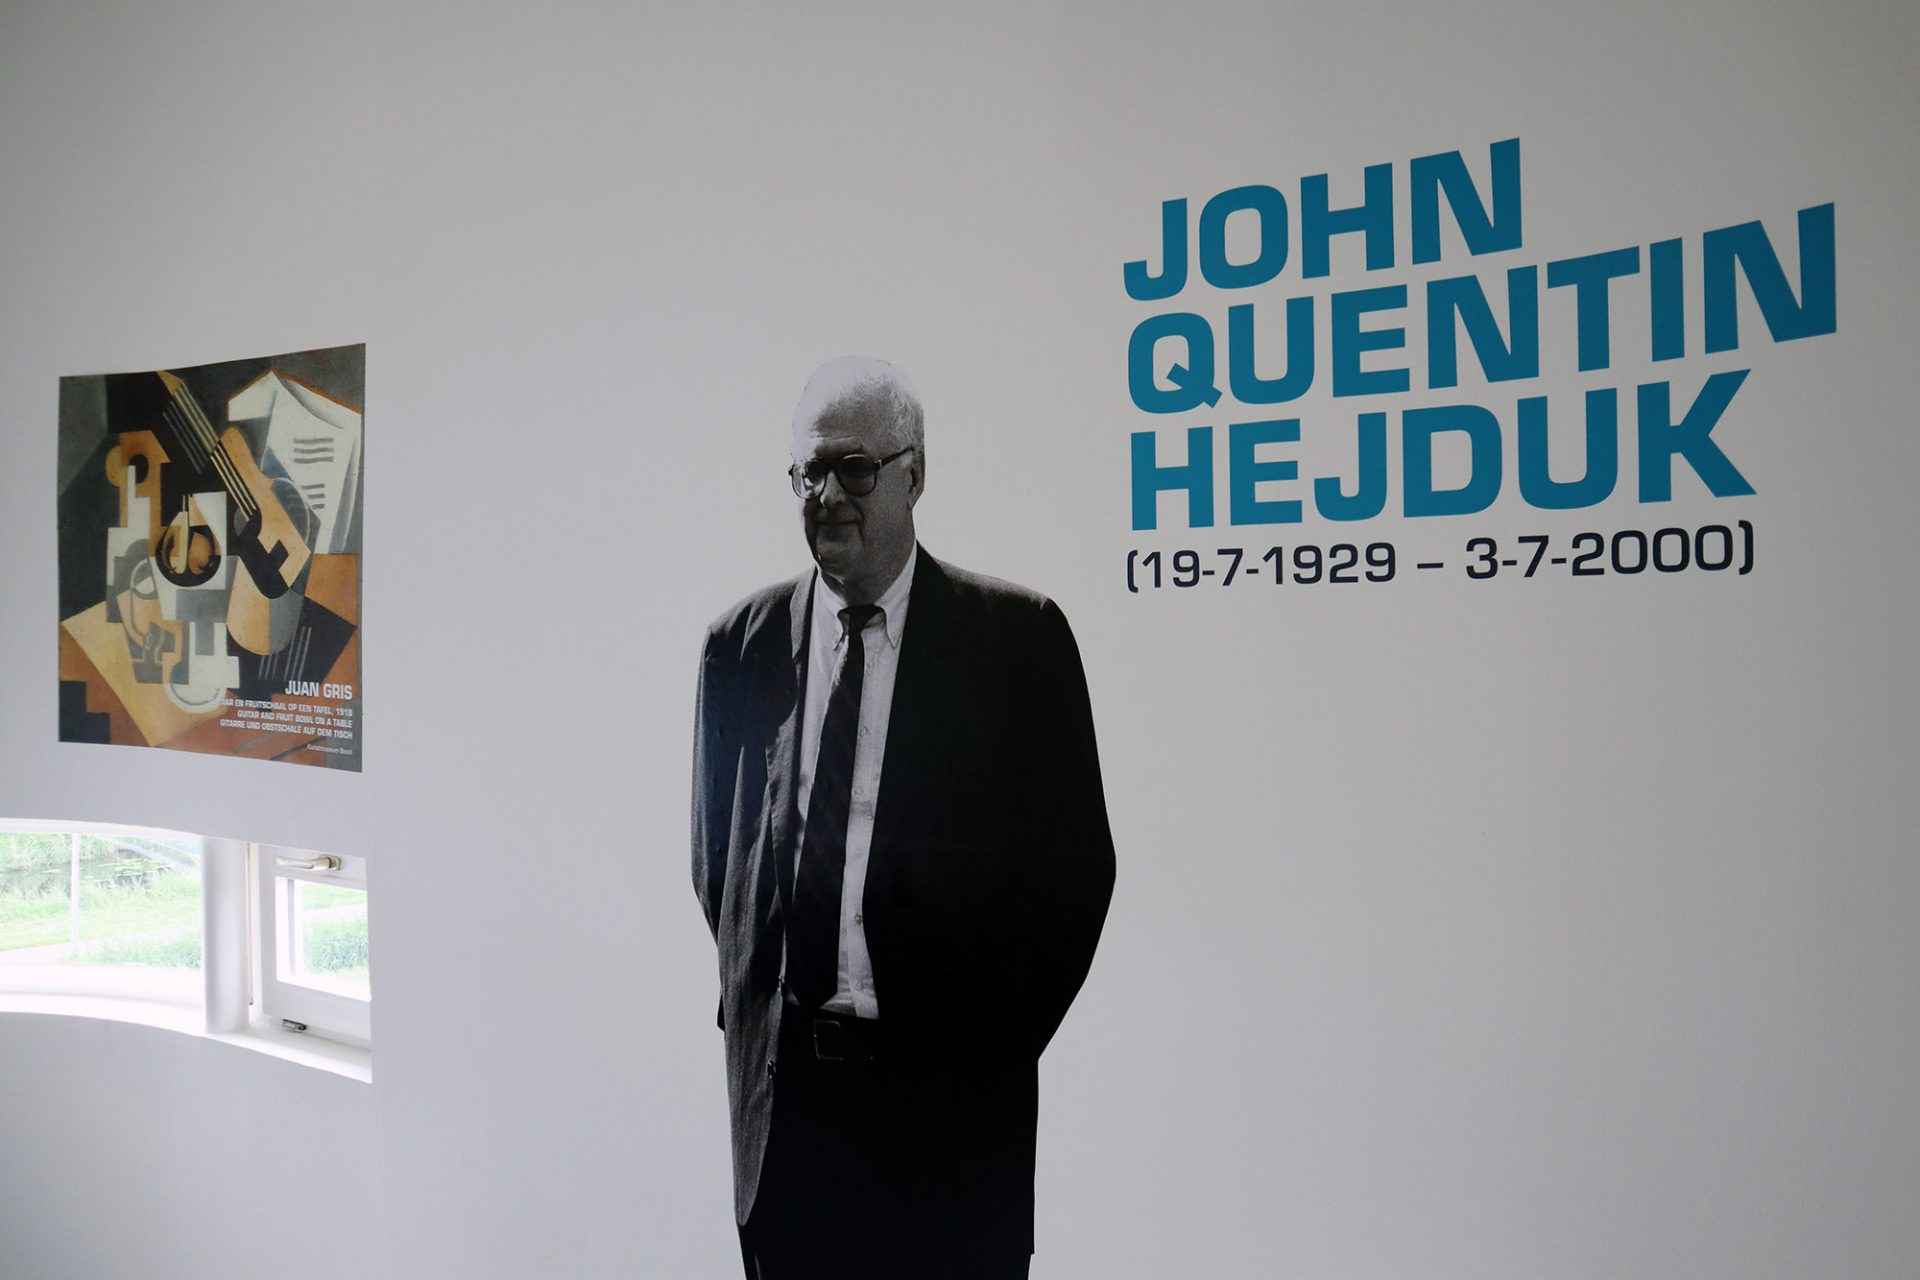 Wall House #2. Hejduk (1929–2000), amerikanisch-tschechischer Architekt, Künstler und Pädagoge. Zu seinen Schülern zählen Daniel Libeskind, Elizabeth Diller, Shigeru Ban und Toshiko Mori.